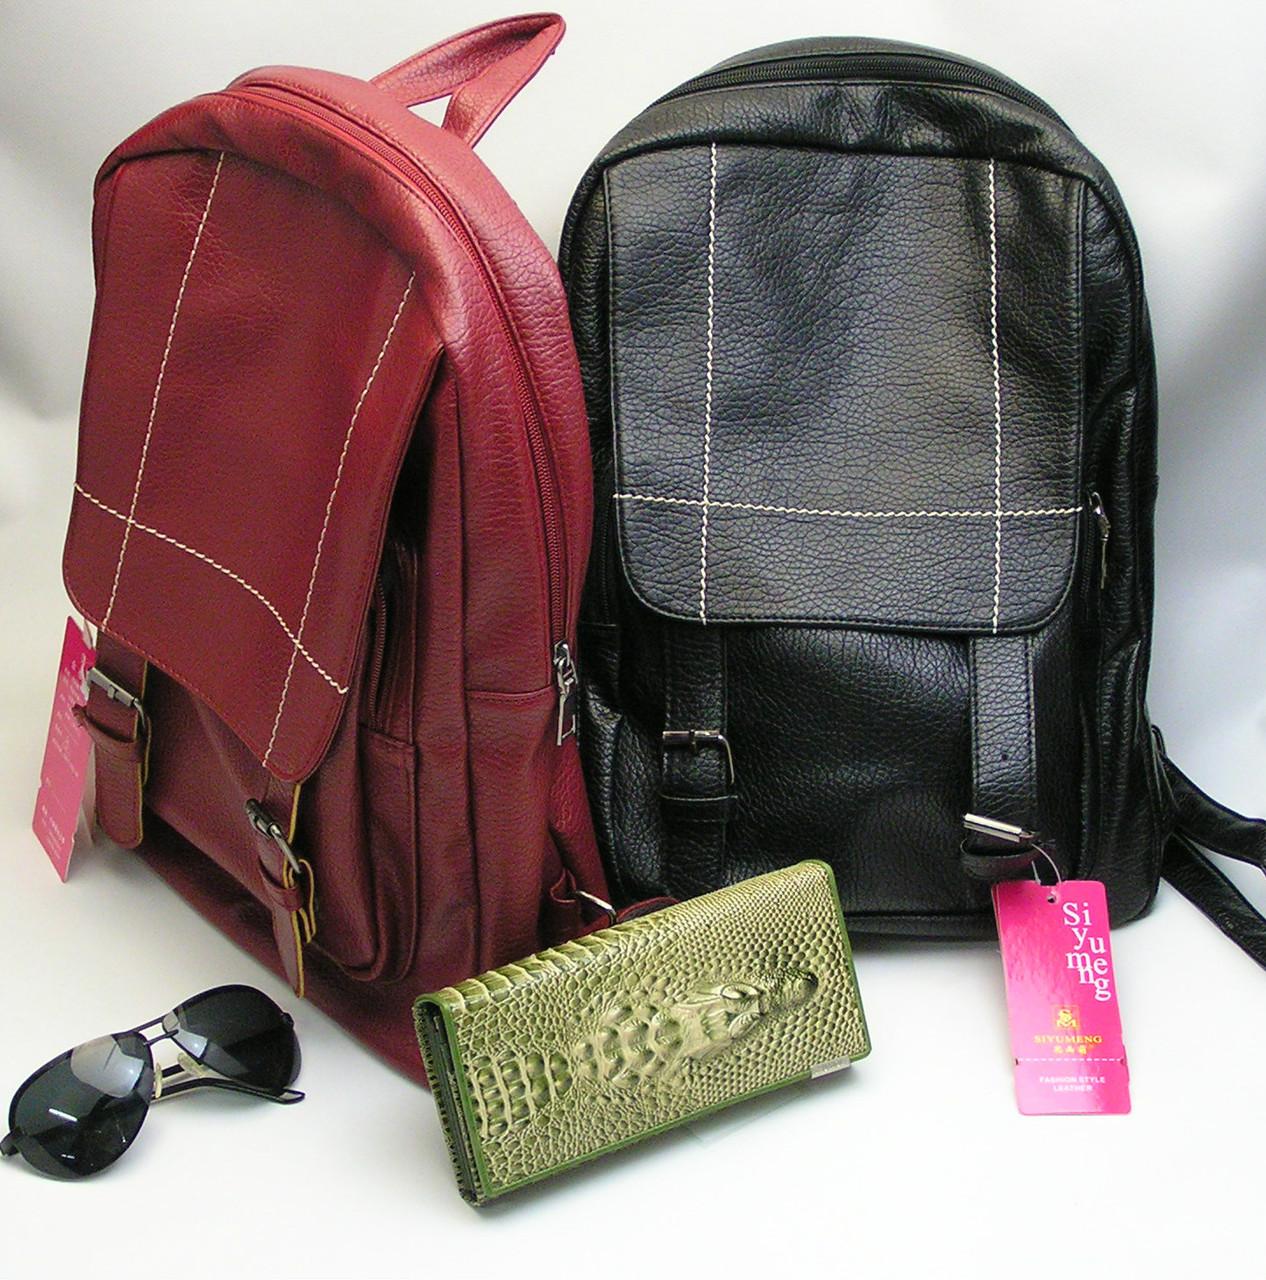 79c7f486c703 Стильный кожаный рюкзак. Модный рюкзак с одним отделением. Рюкзак стеганый  белой нитью. Кожа